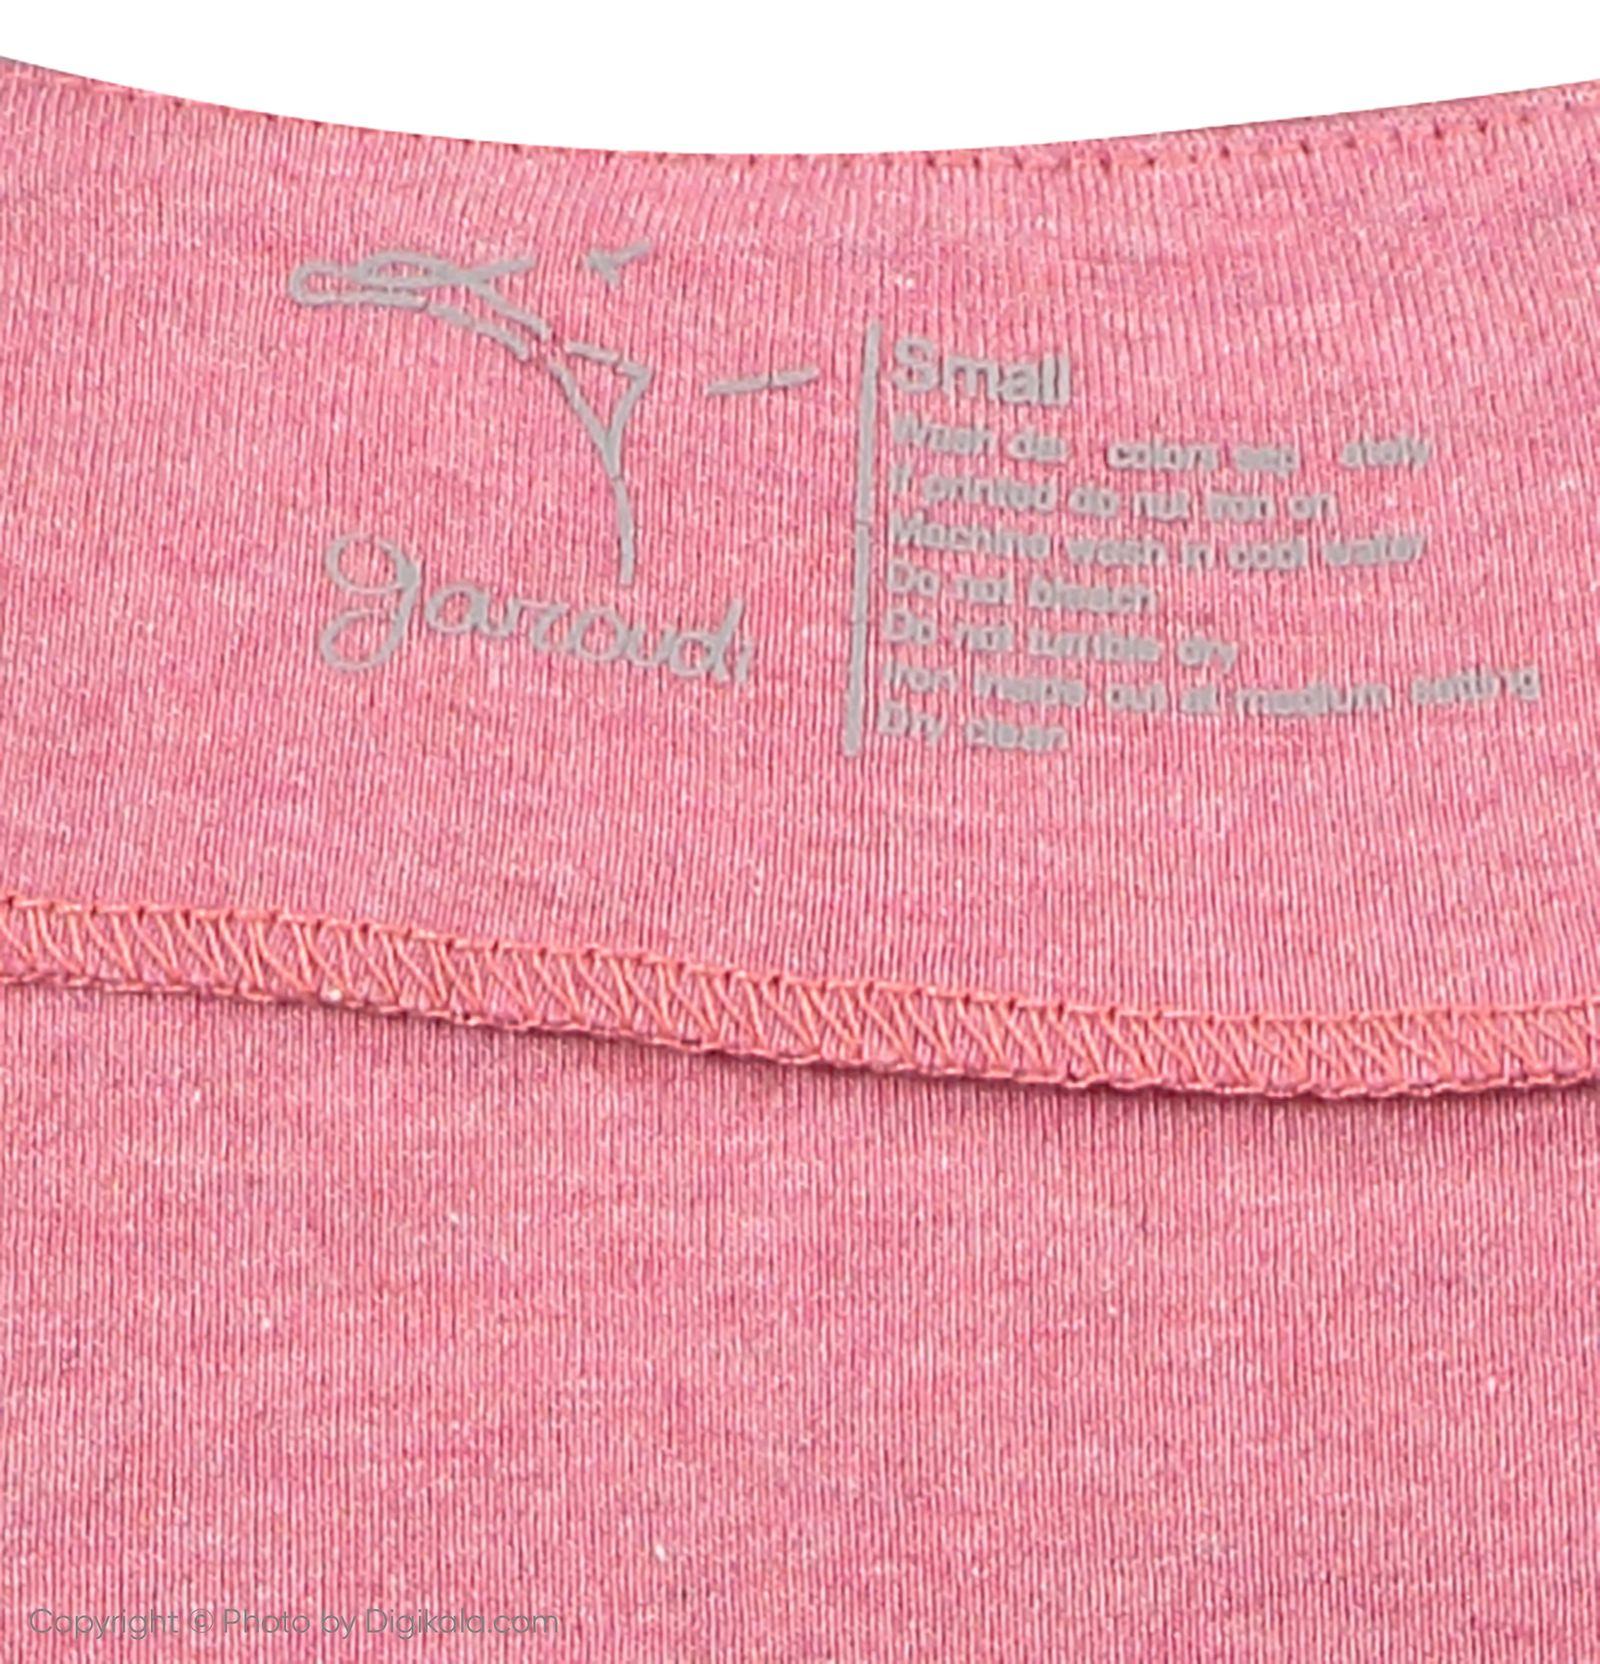 تی شرت زنانه گارودی مدل 1003113012-86 -  - 4